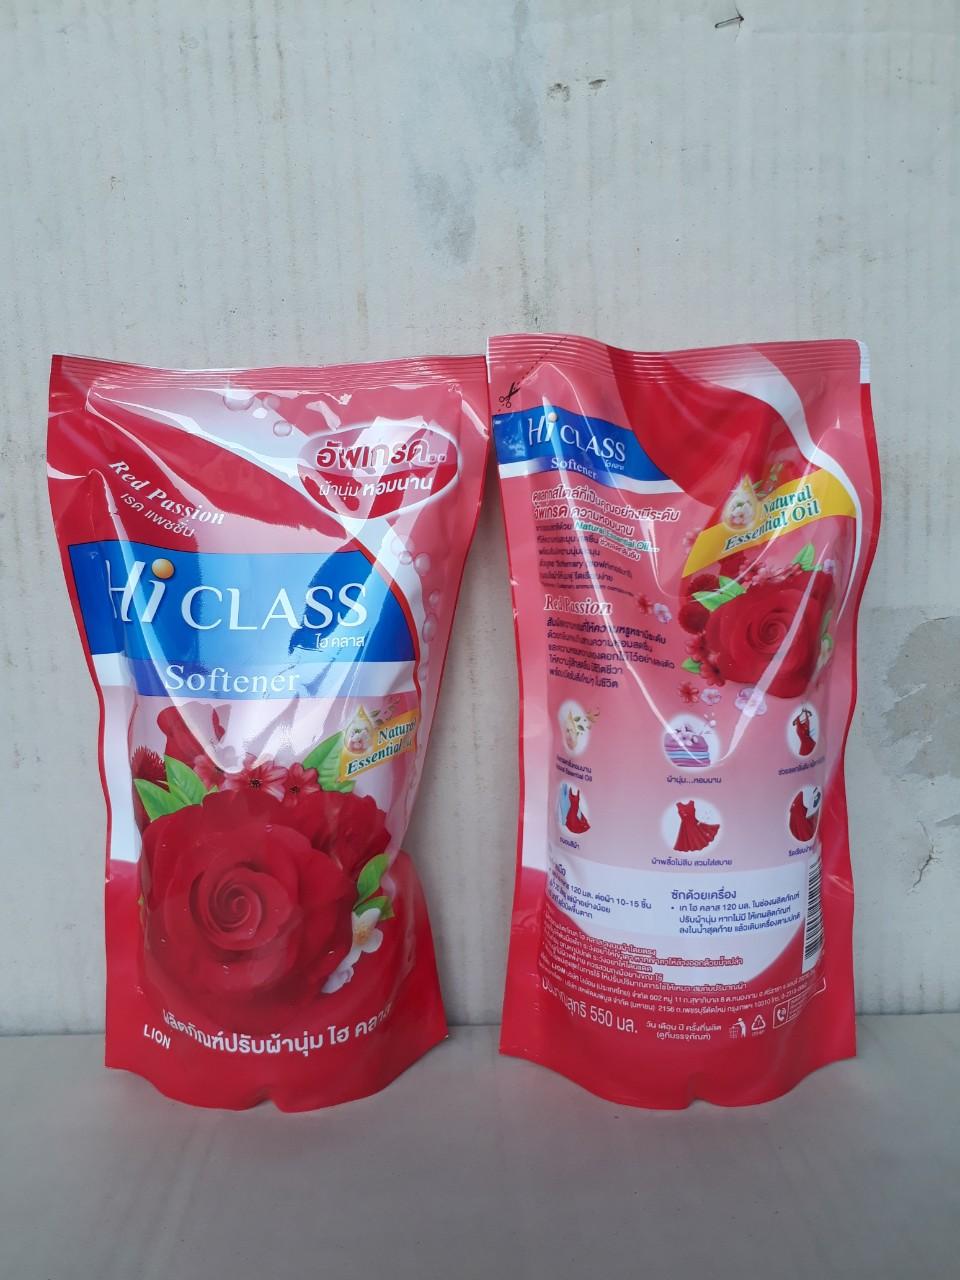 Nước xã Hiclass tinh dầu tự nhiên 550ml (Red Passion - đỏ)